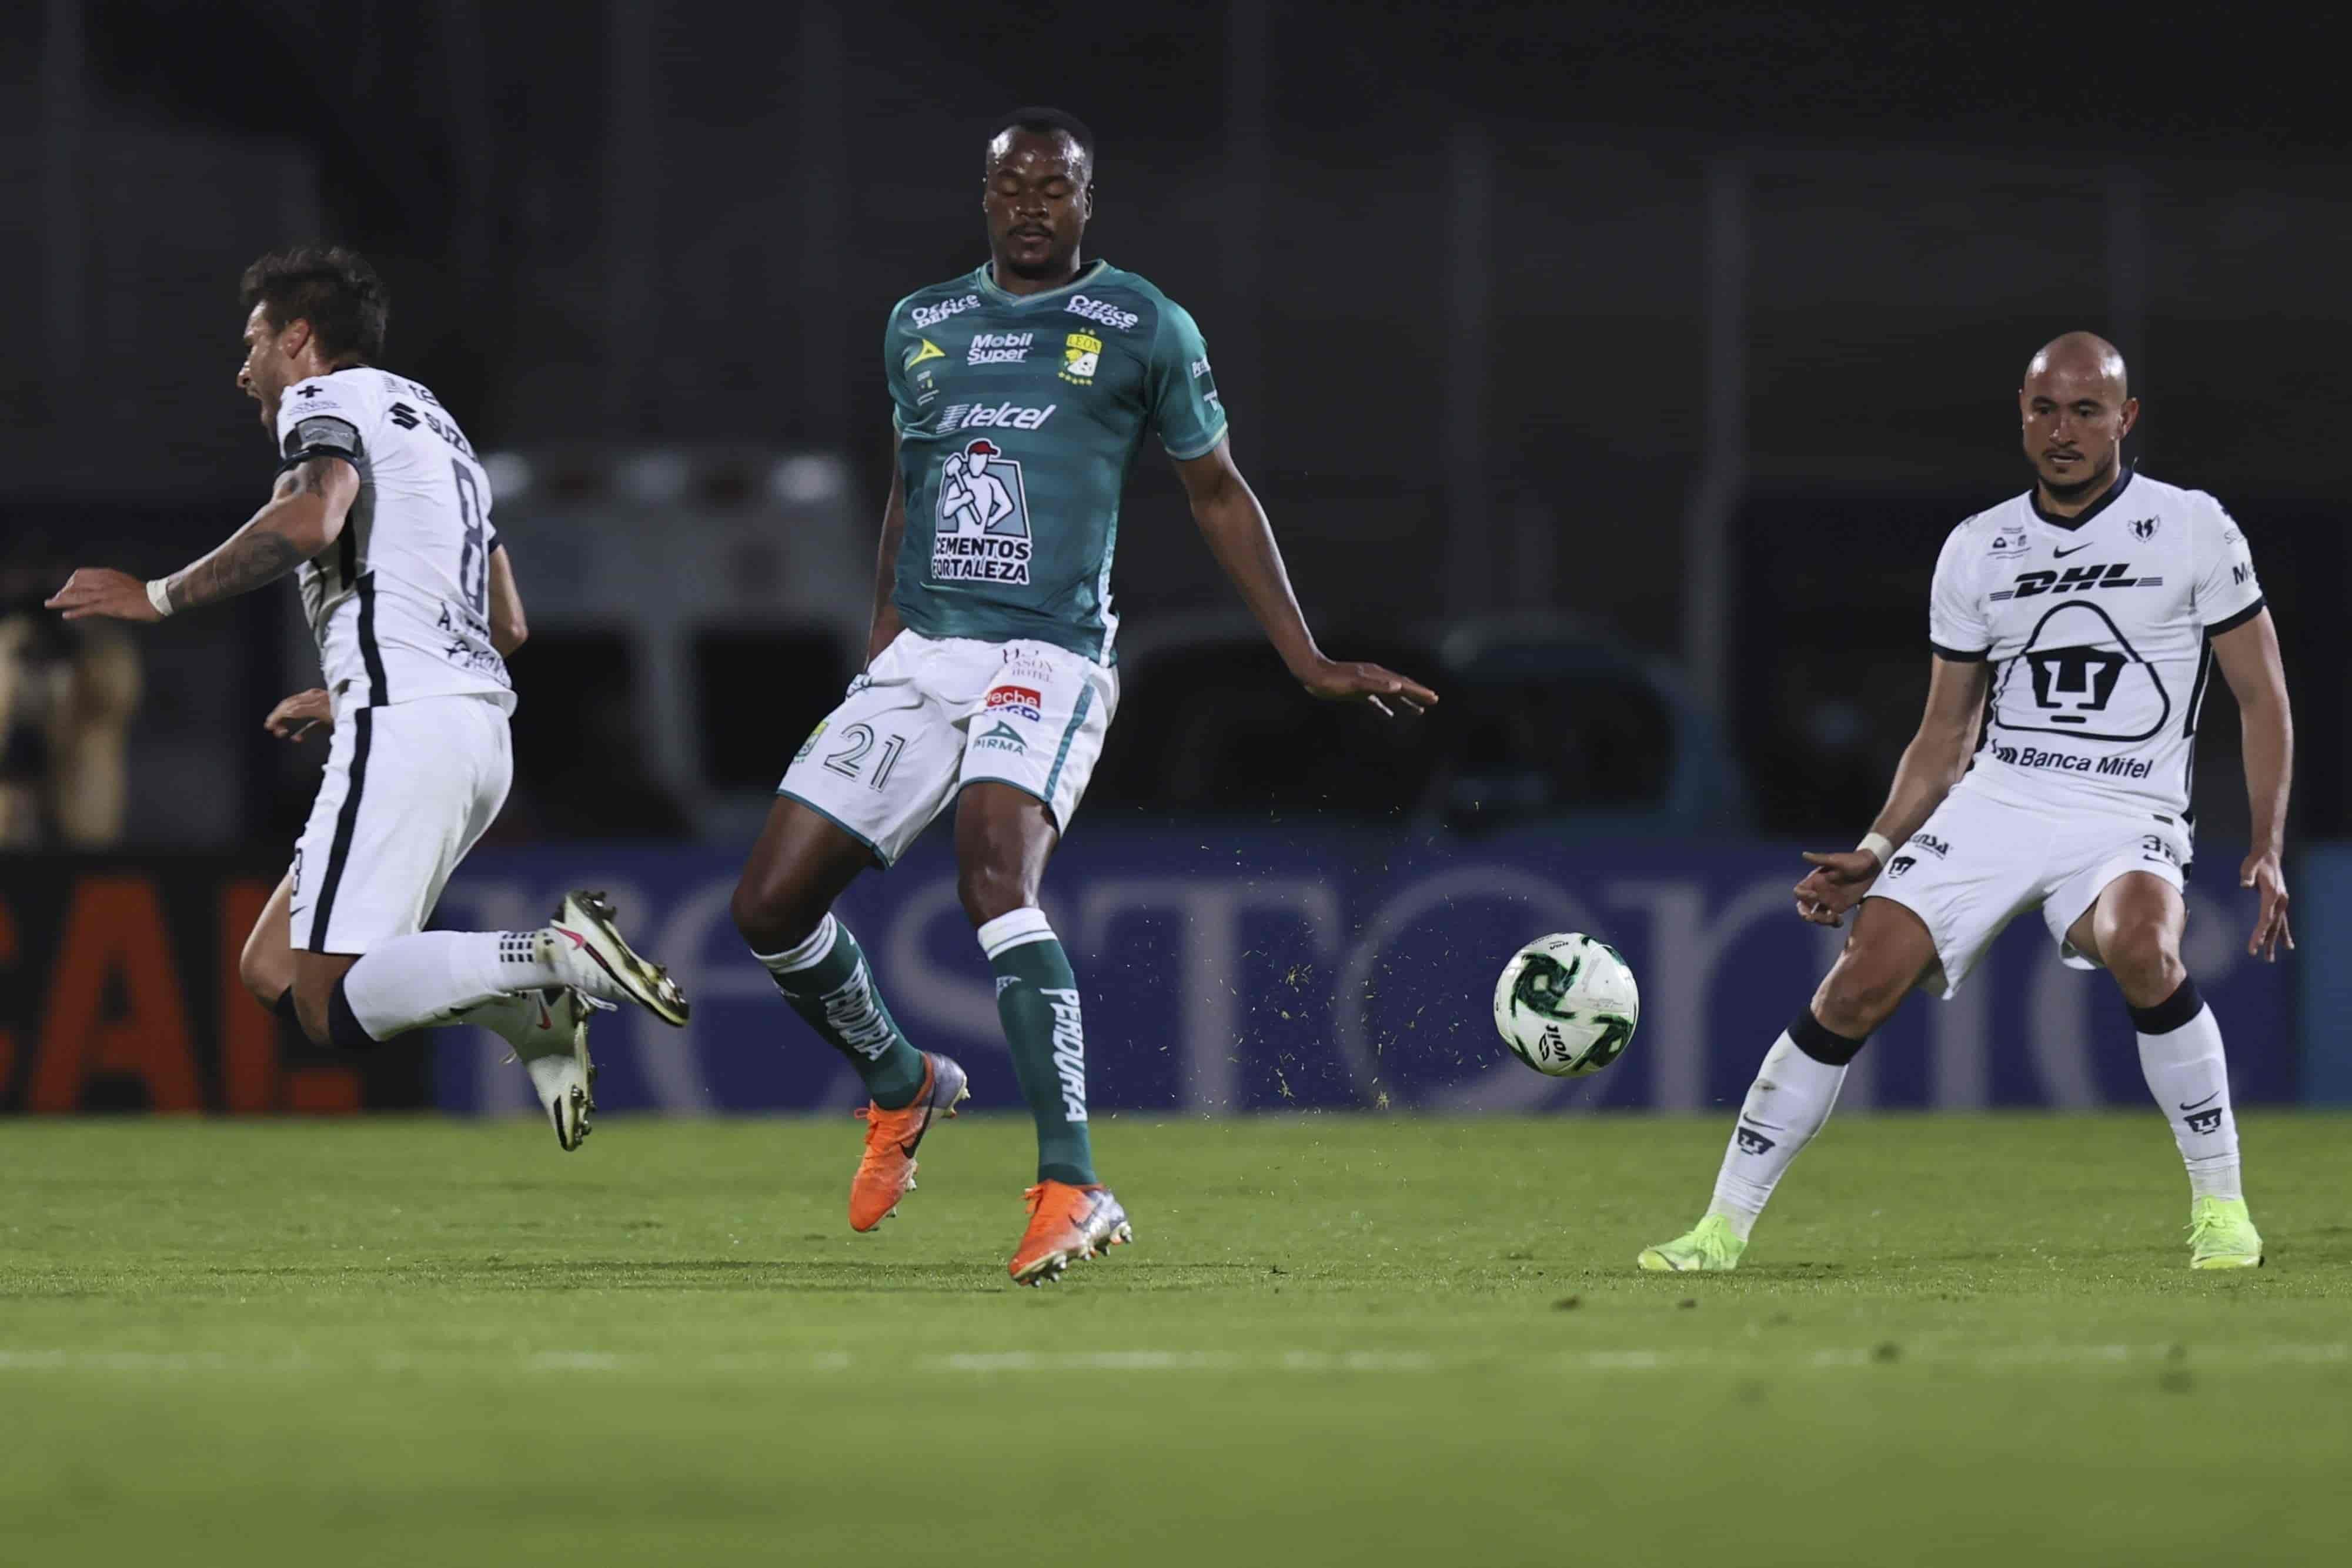 León anotó el empate a los 89 minutos